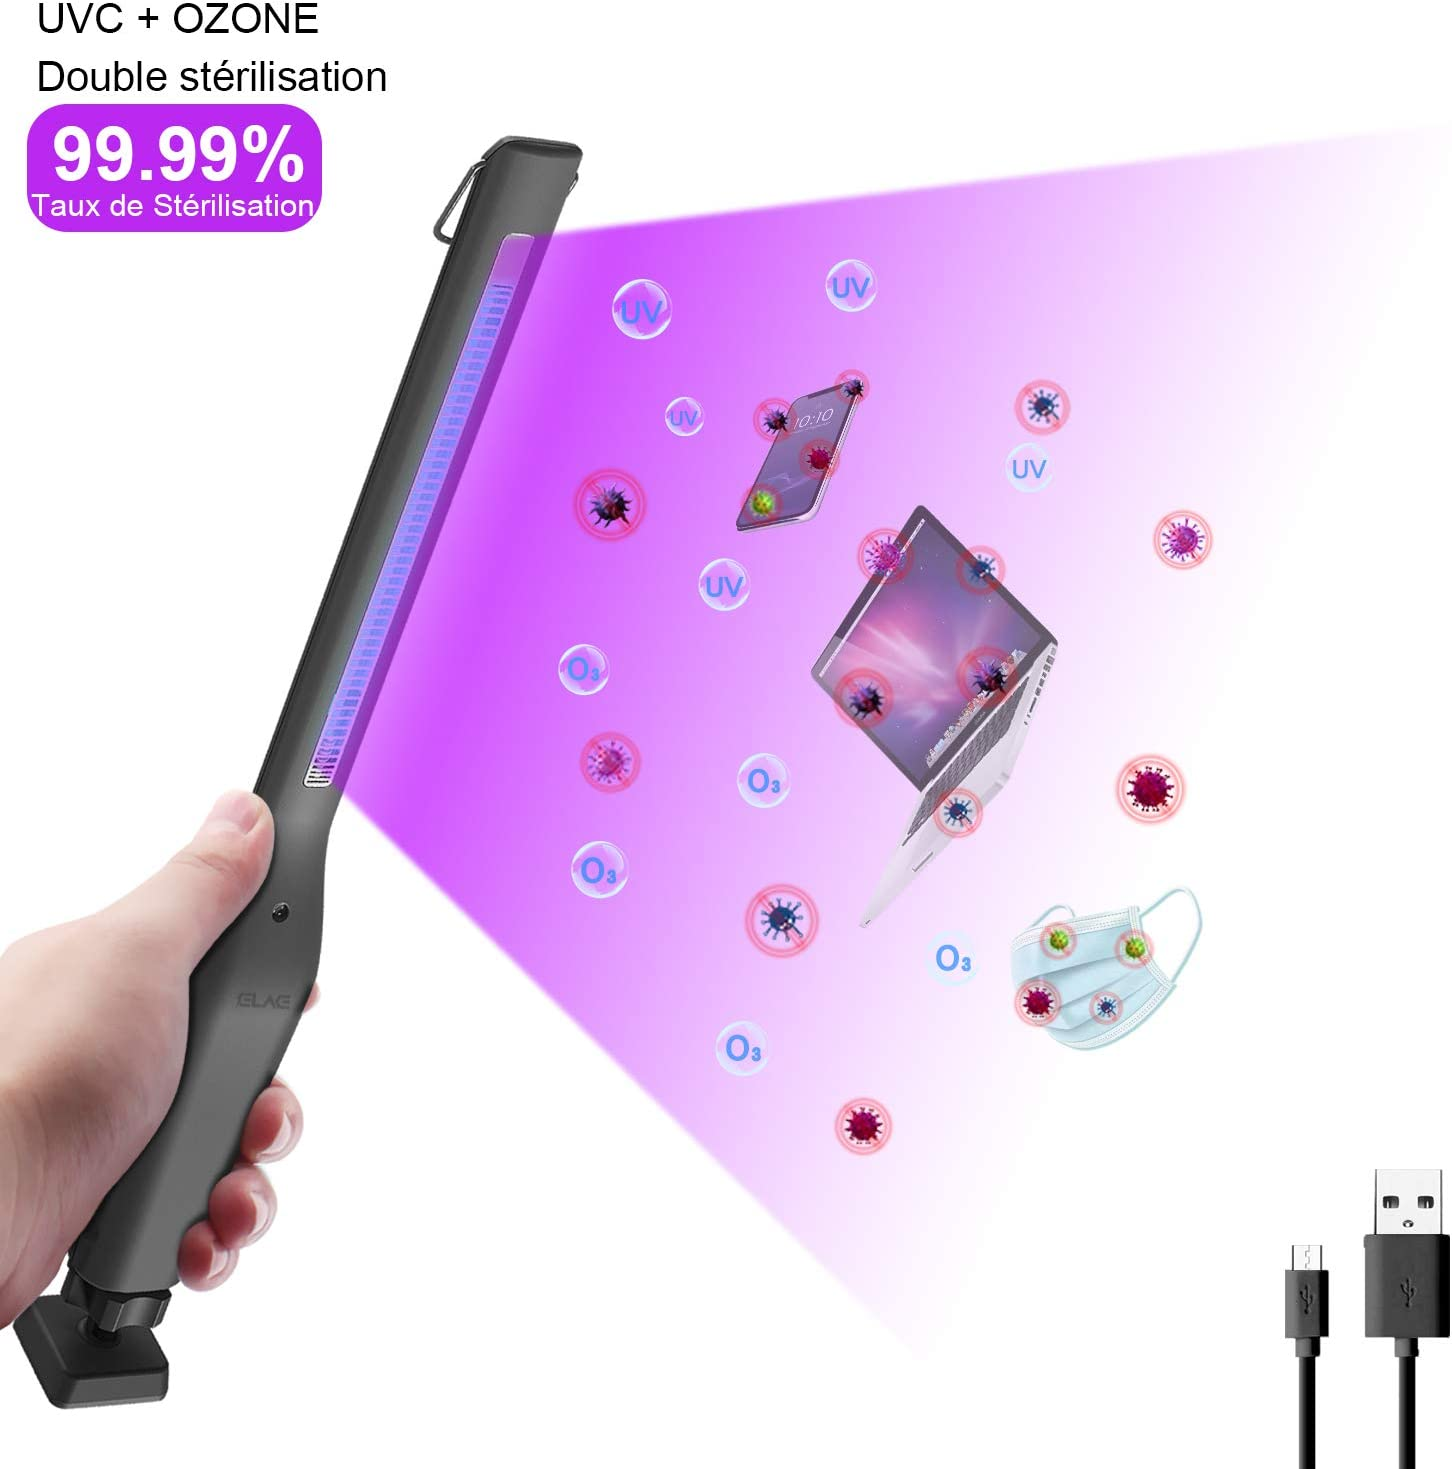 ELAW Lámpara de Desinfección UV, Esterilizador Portátil USB 254nm UVC+Ozone, Esterilización Eficiente 99.99%, Temporizador de 30Minutos, Desinfección, Desodorización y ácaros Multifunción